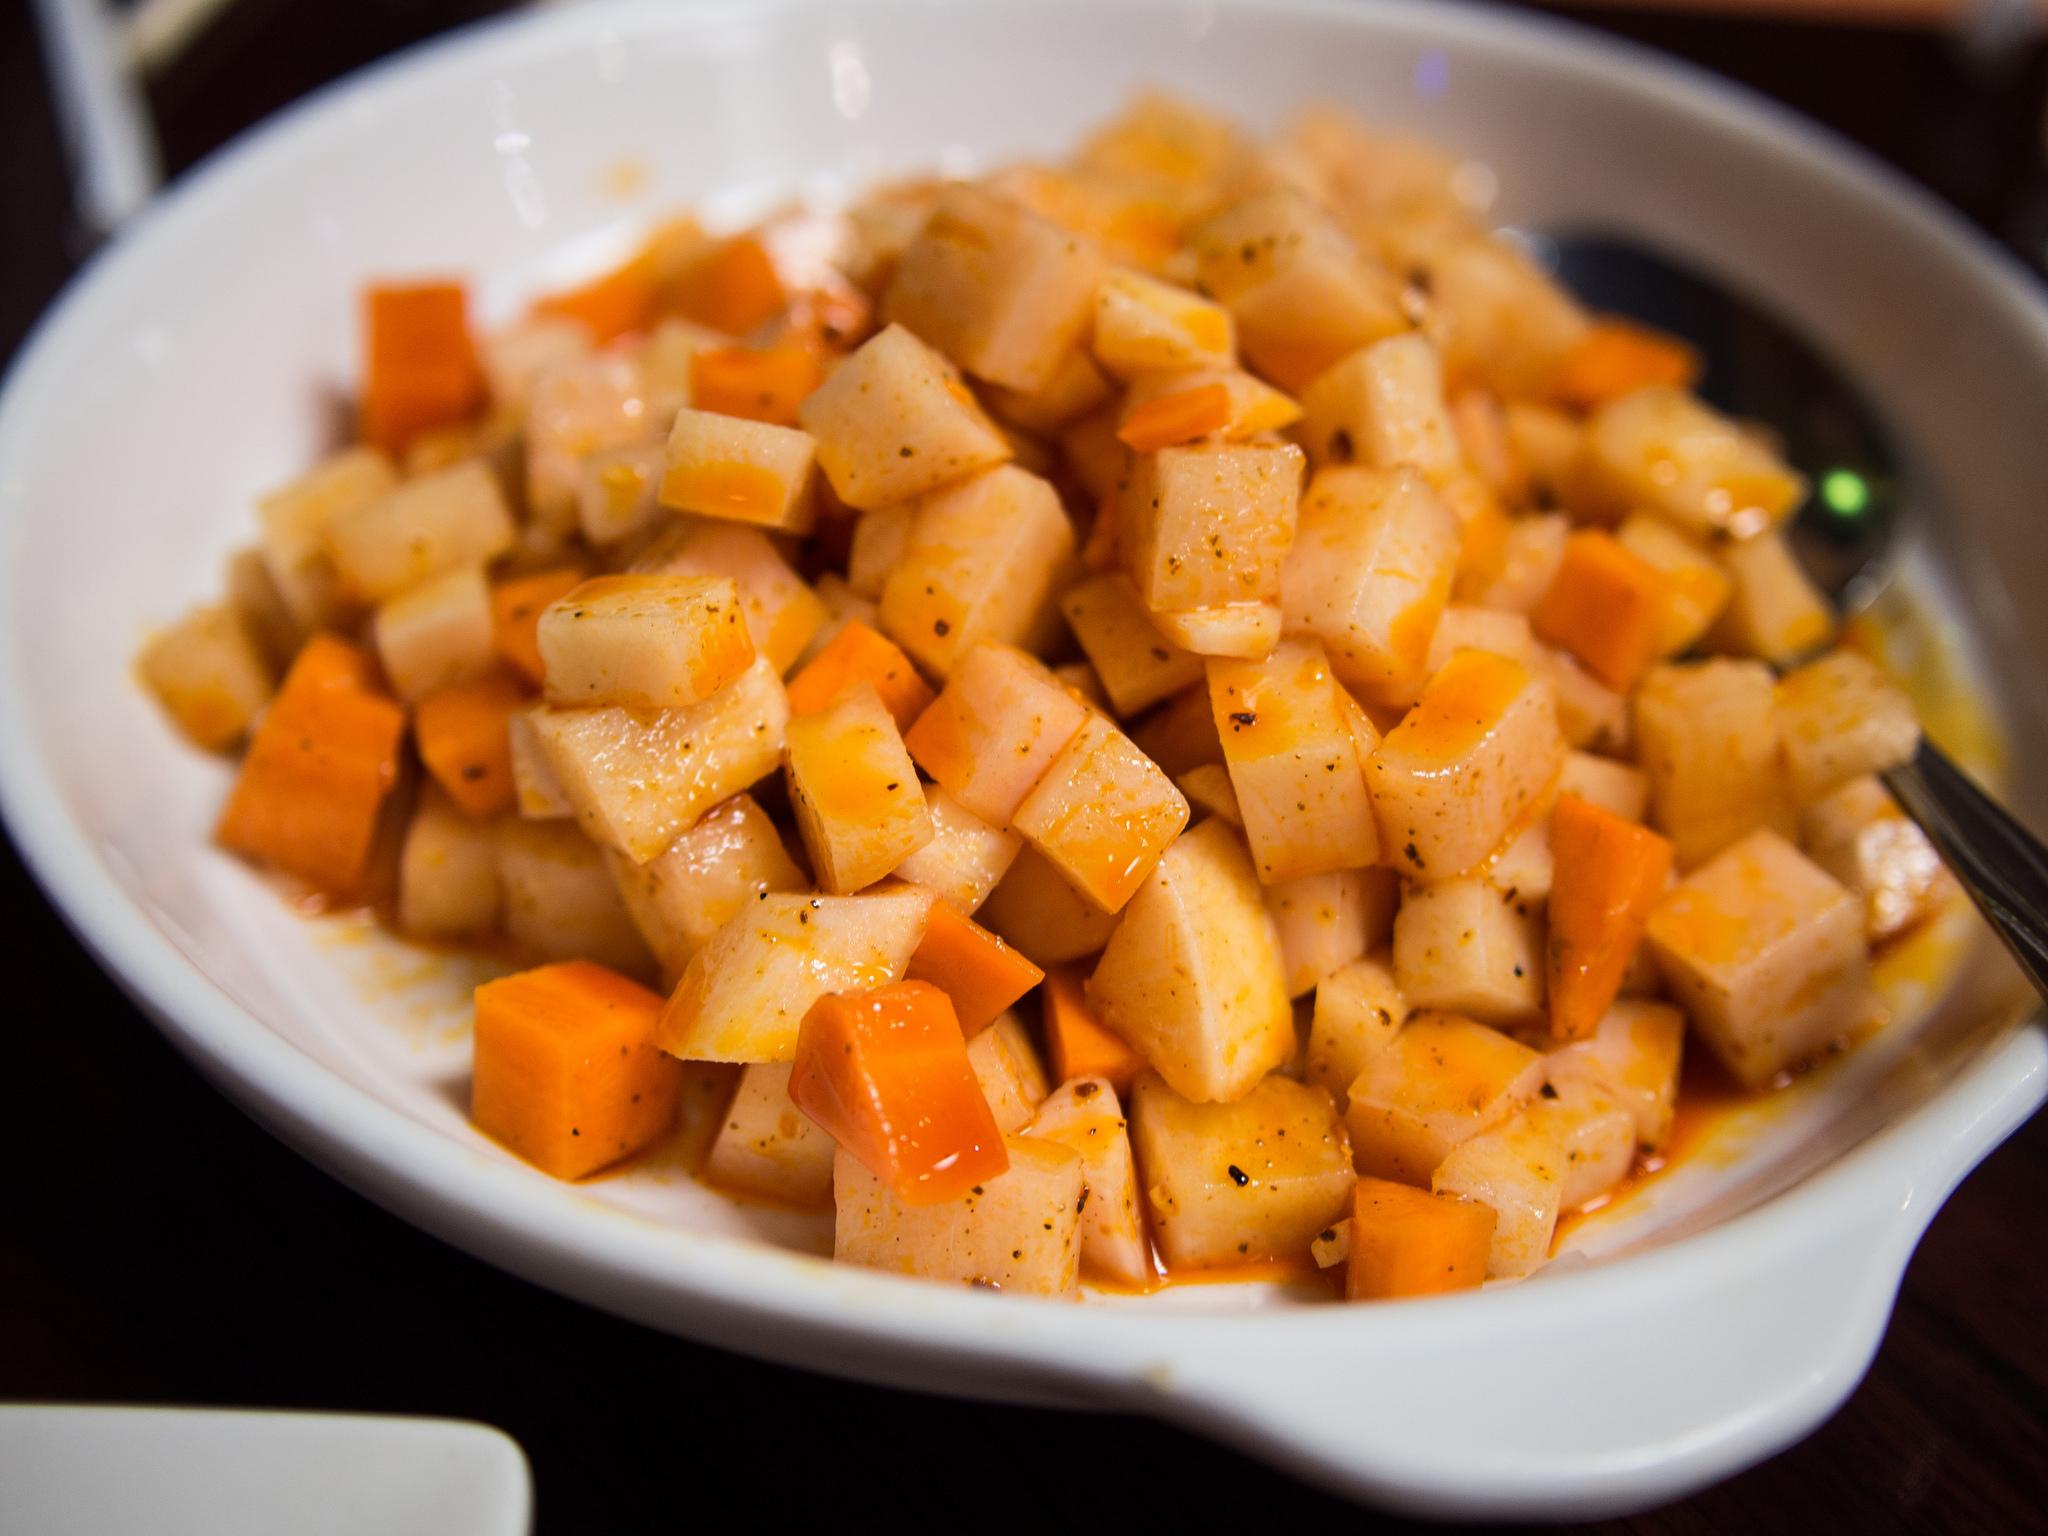 Pickled Vegetables| © Edsel Little/Flickr